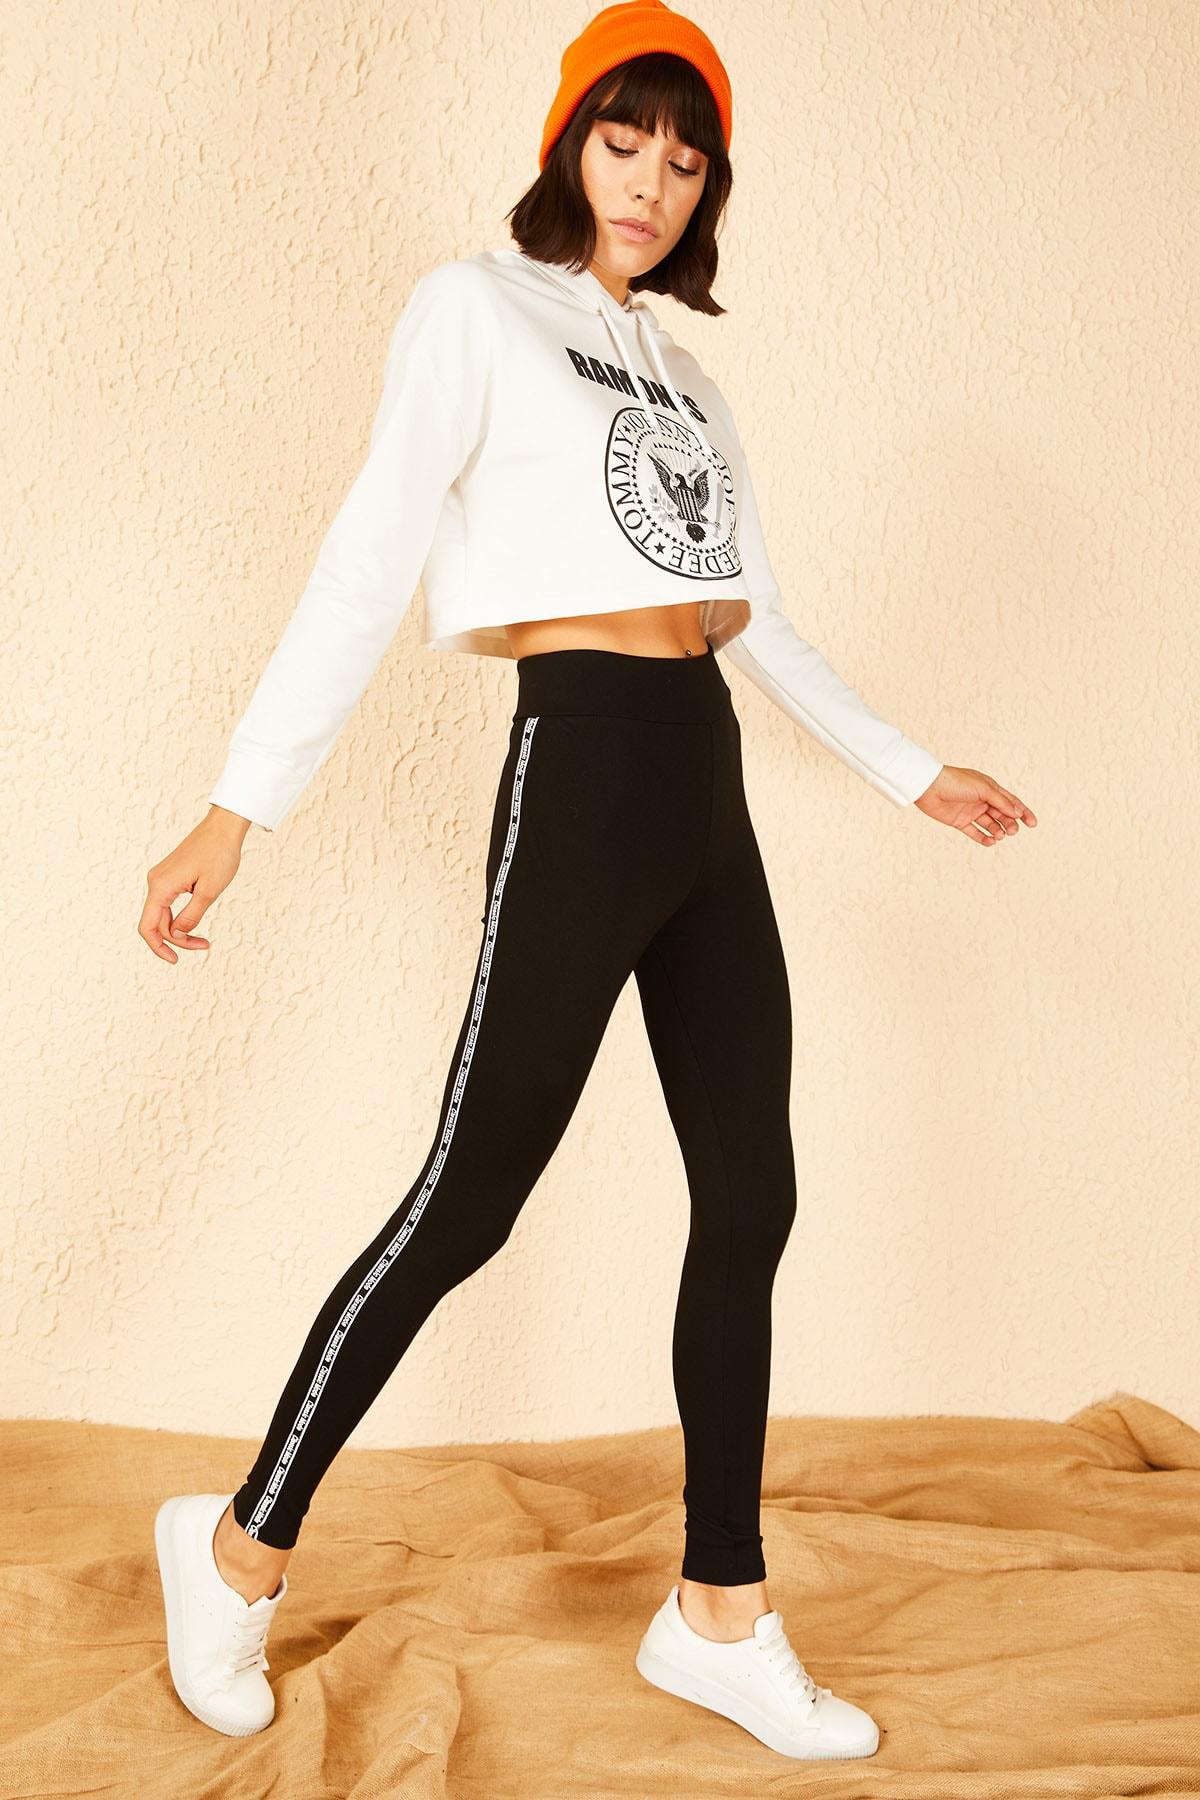 Bianco Lucci Kadın Siyah Yanı Classic Mode Baskılı Şeritli Çelik Örme Tayt 10151021 1